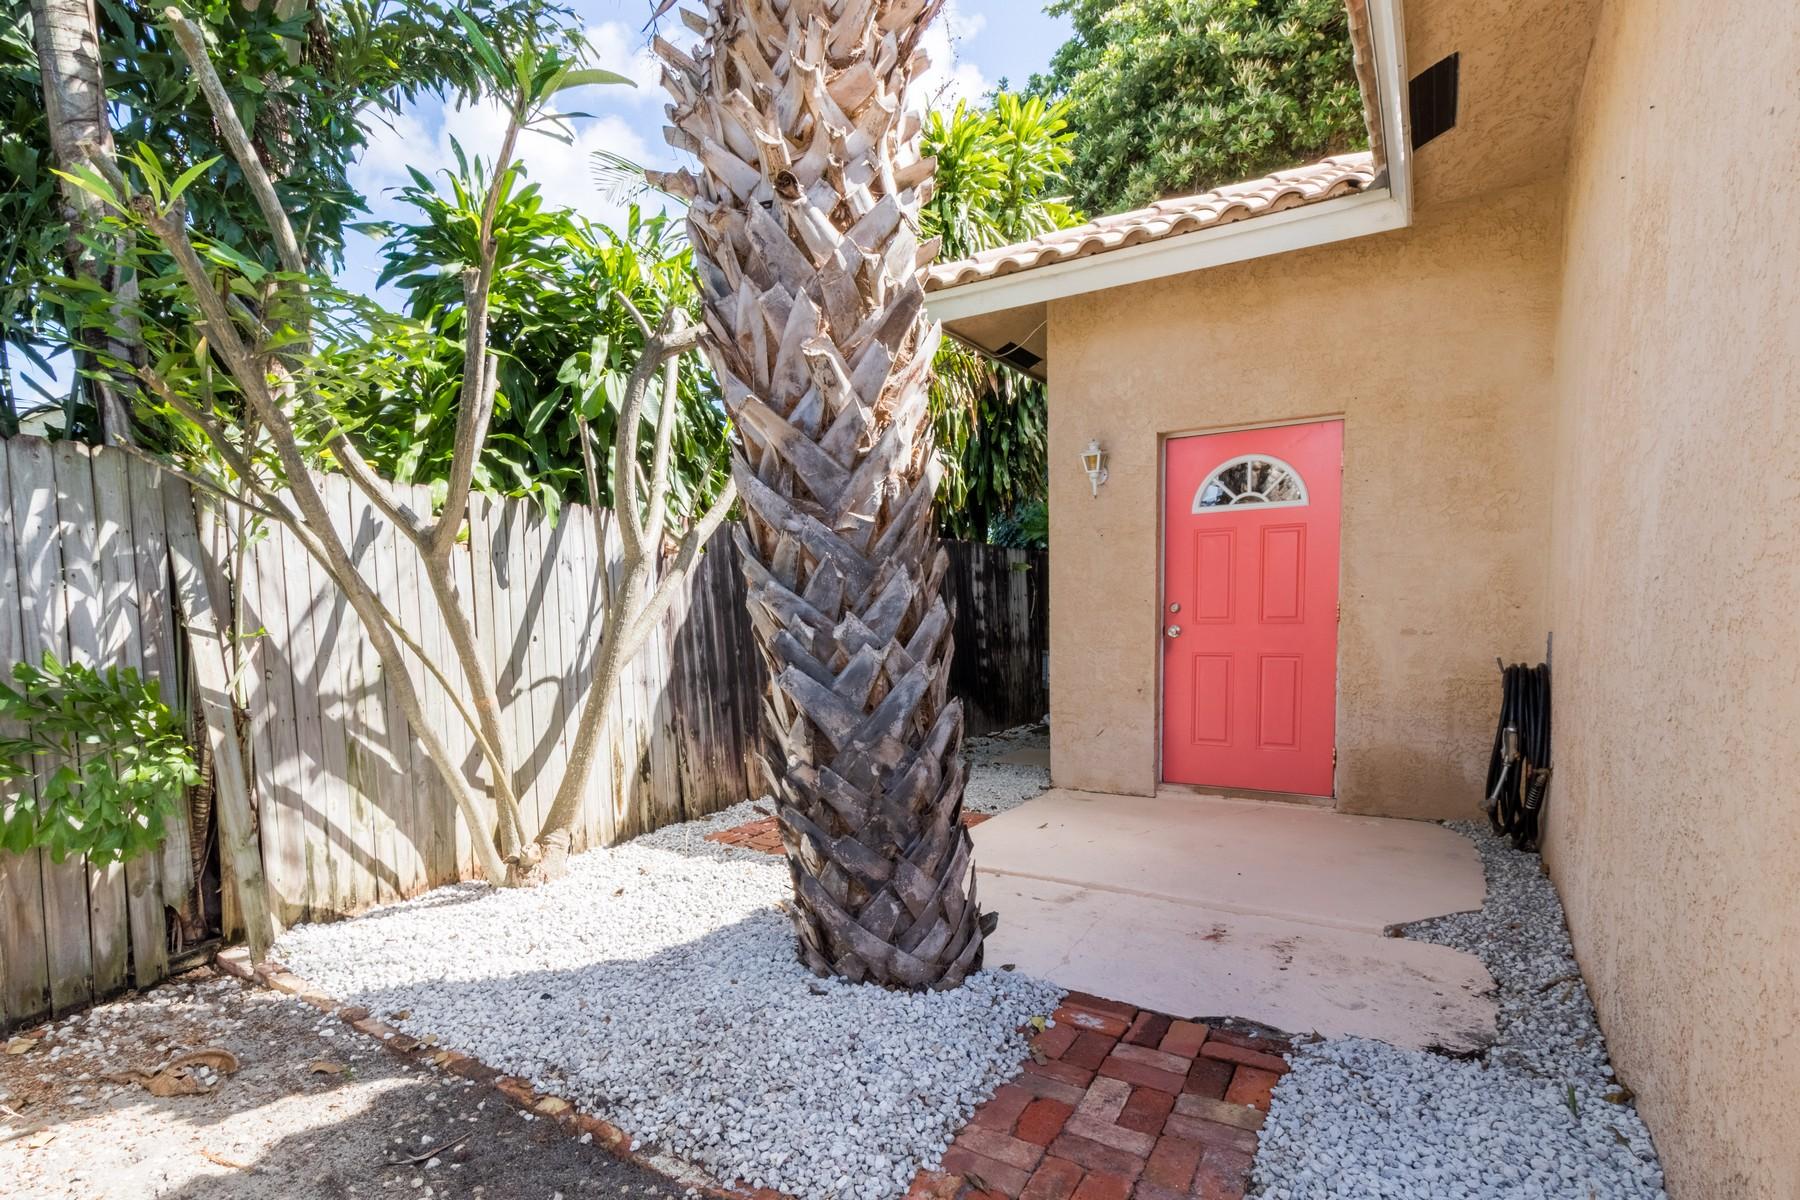 Maison multifamiliale pour l Vente à 11865 Ellison Wilson Rd 11865 Ellison Wilson Road North Palm Beach, Florida, 33408 États-Unis